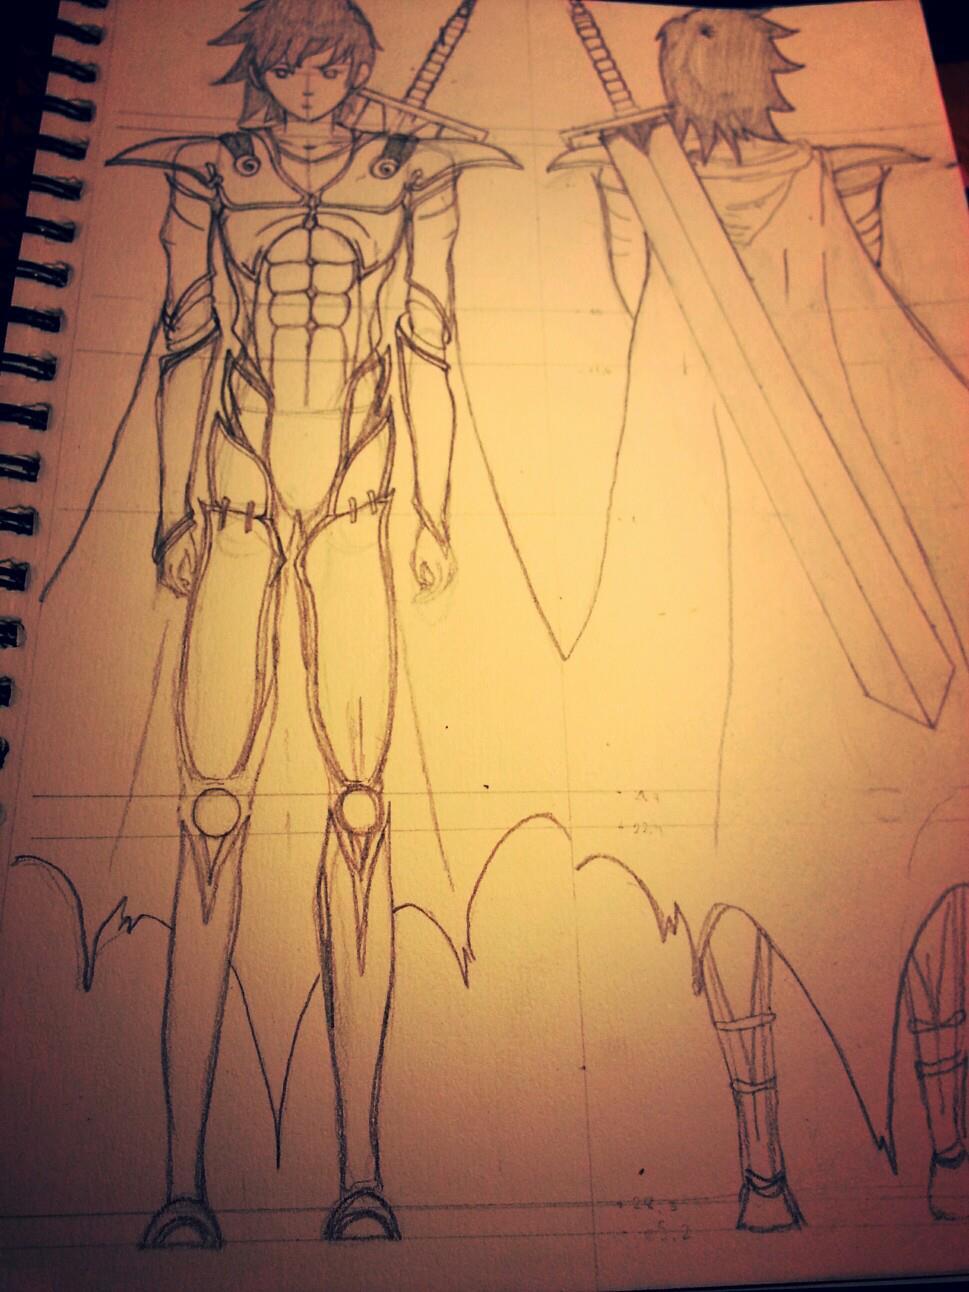 Tamashi sketch